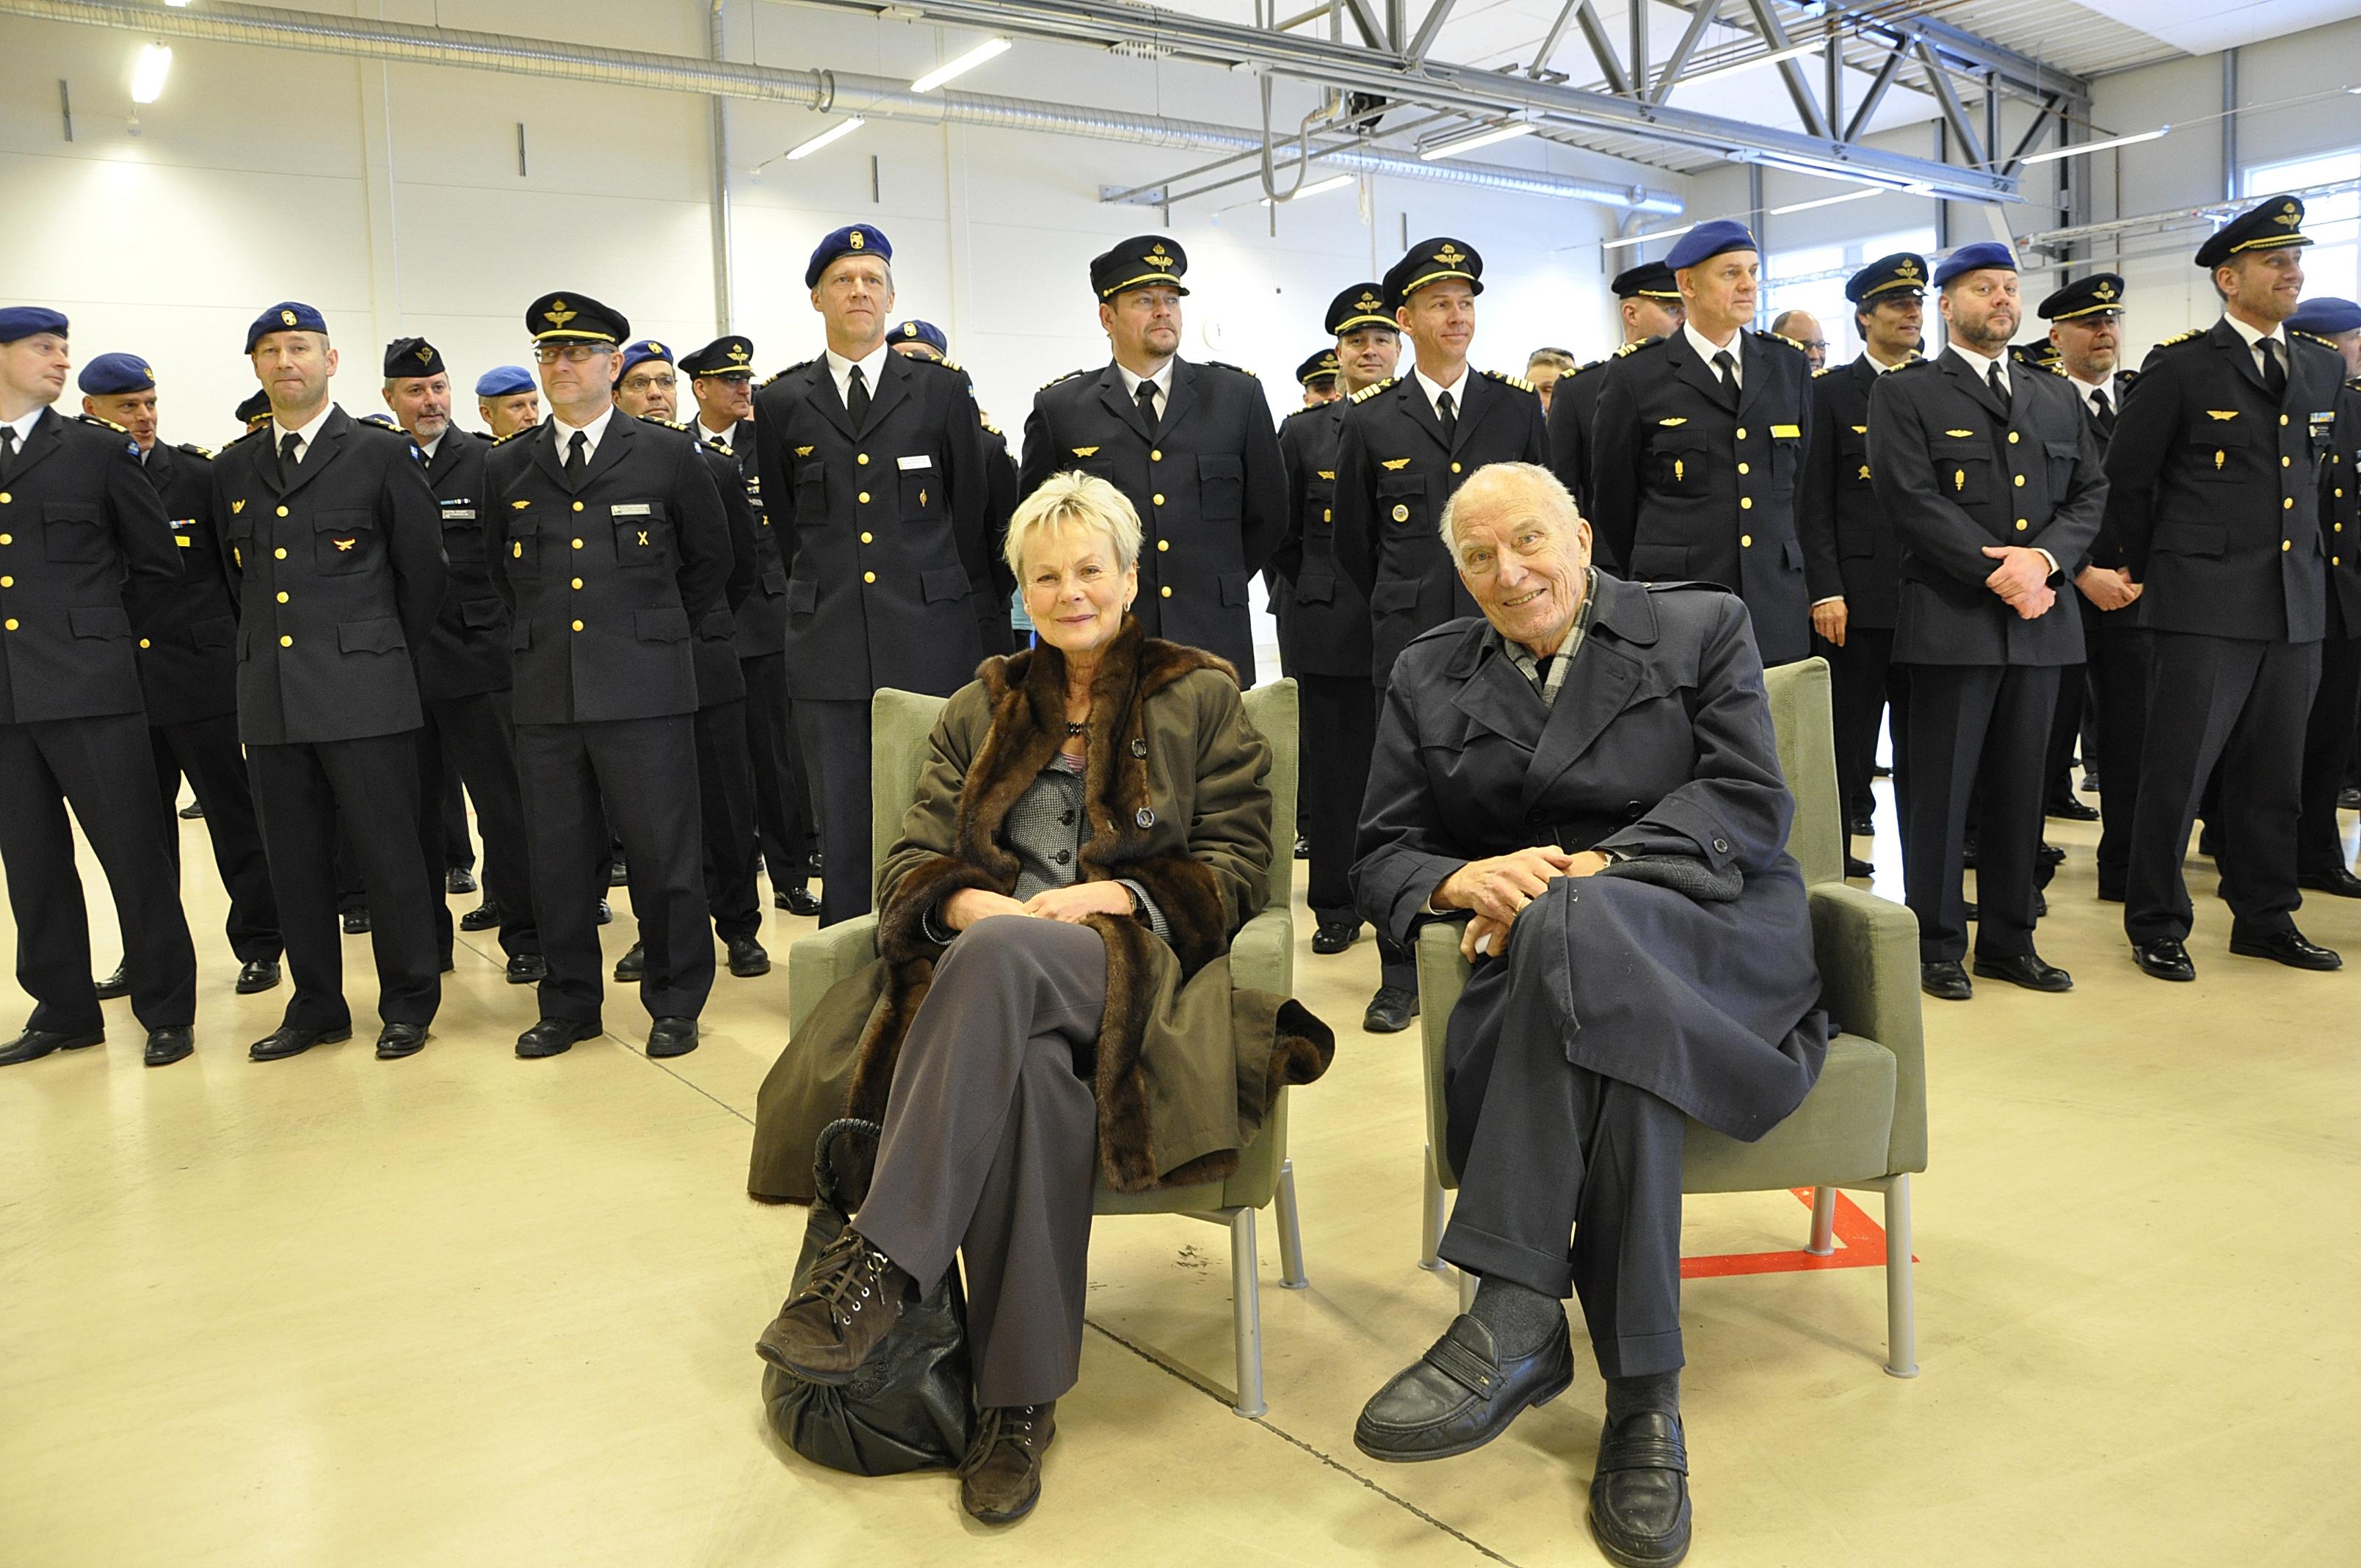 70 års jubilaren Sven-Olof Olsson sitter tillsammans med landshövding Elisabeth Nilsson. Bakom står alla 25 års jubilarer.